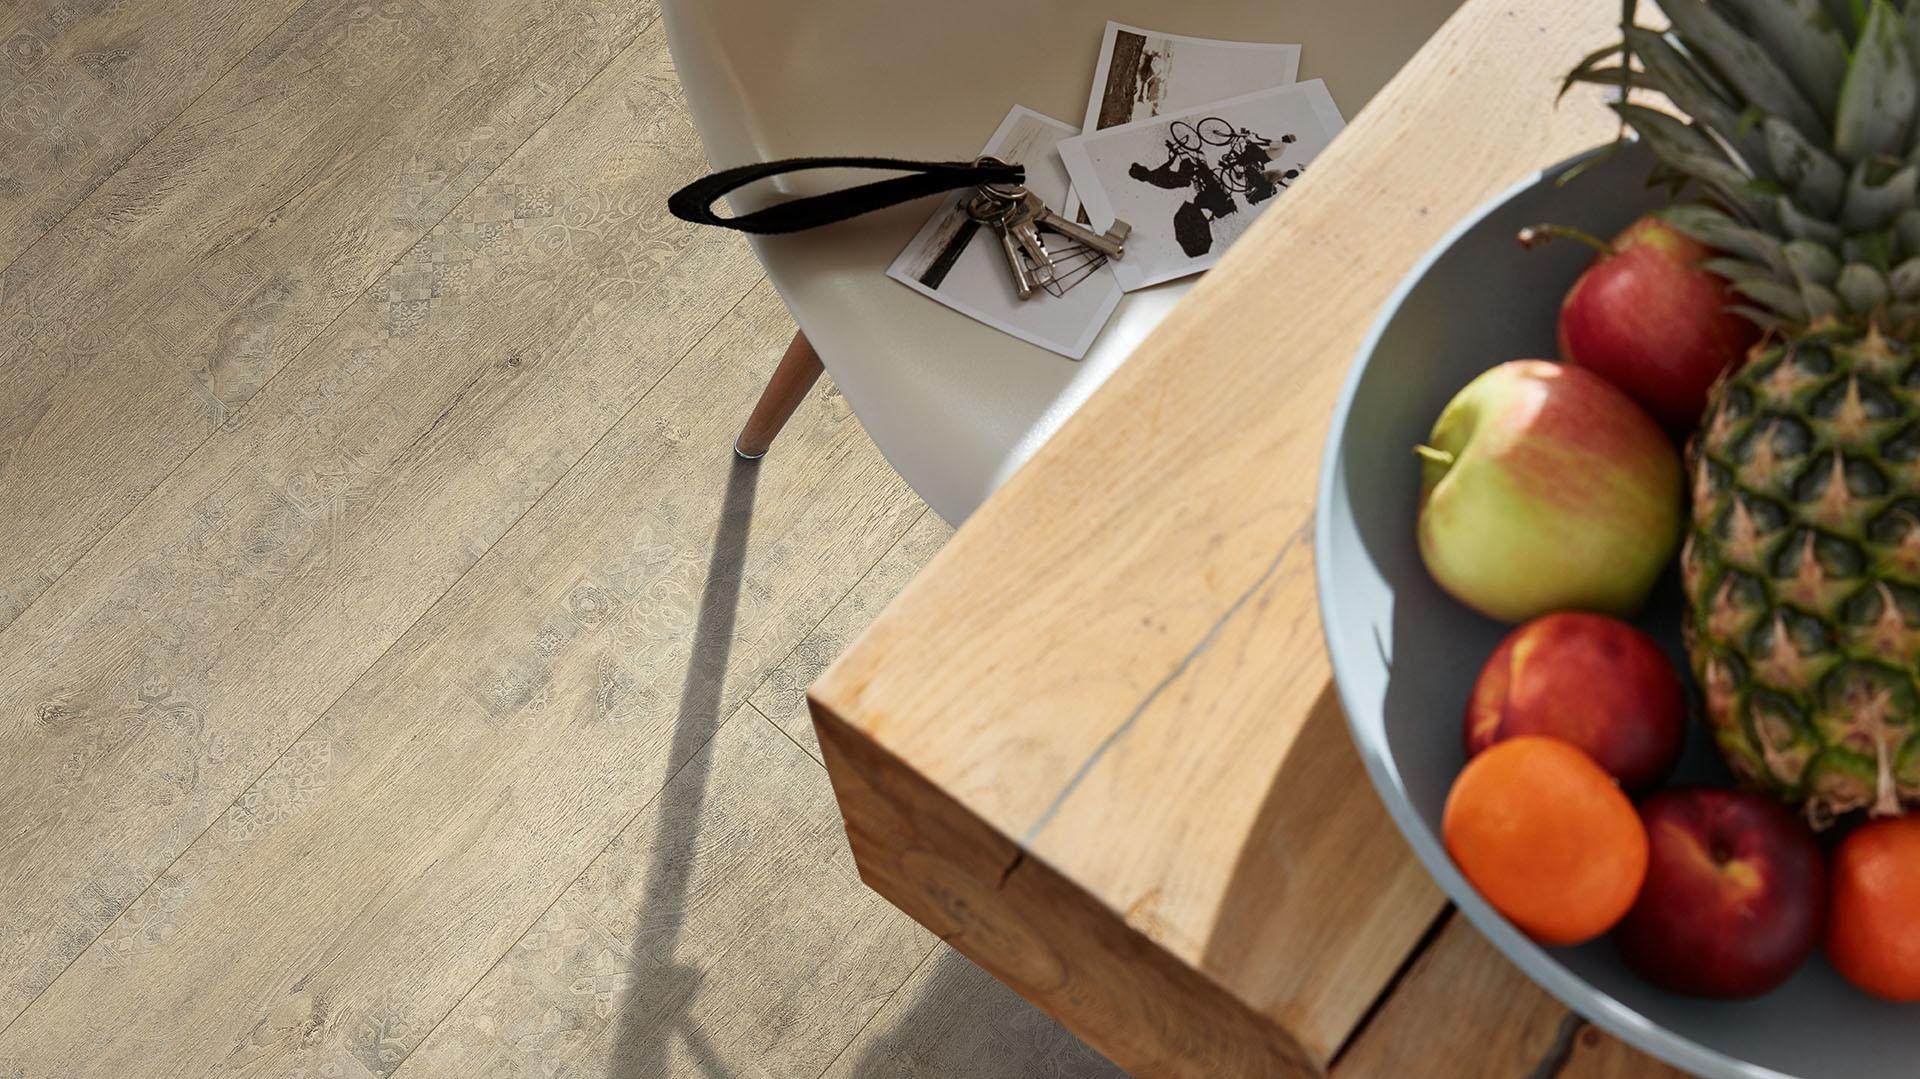 Obstteller auf einem Holztisch mit Blick auf den Laminat Classic